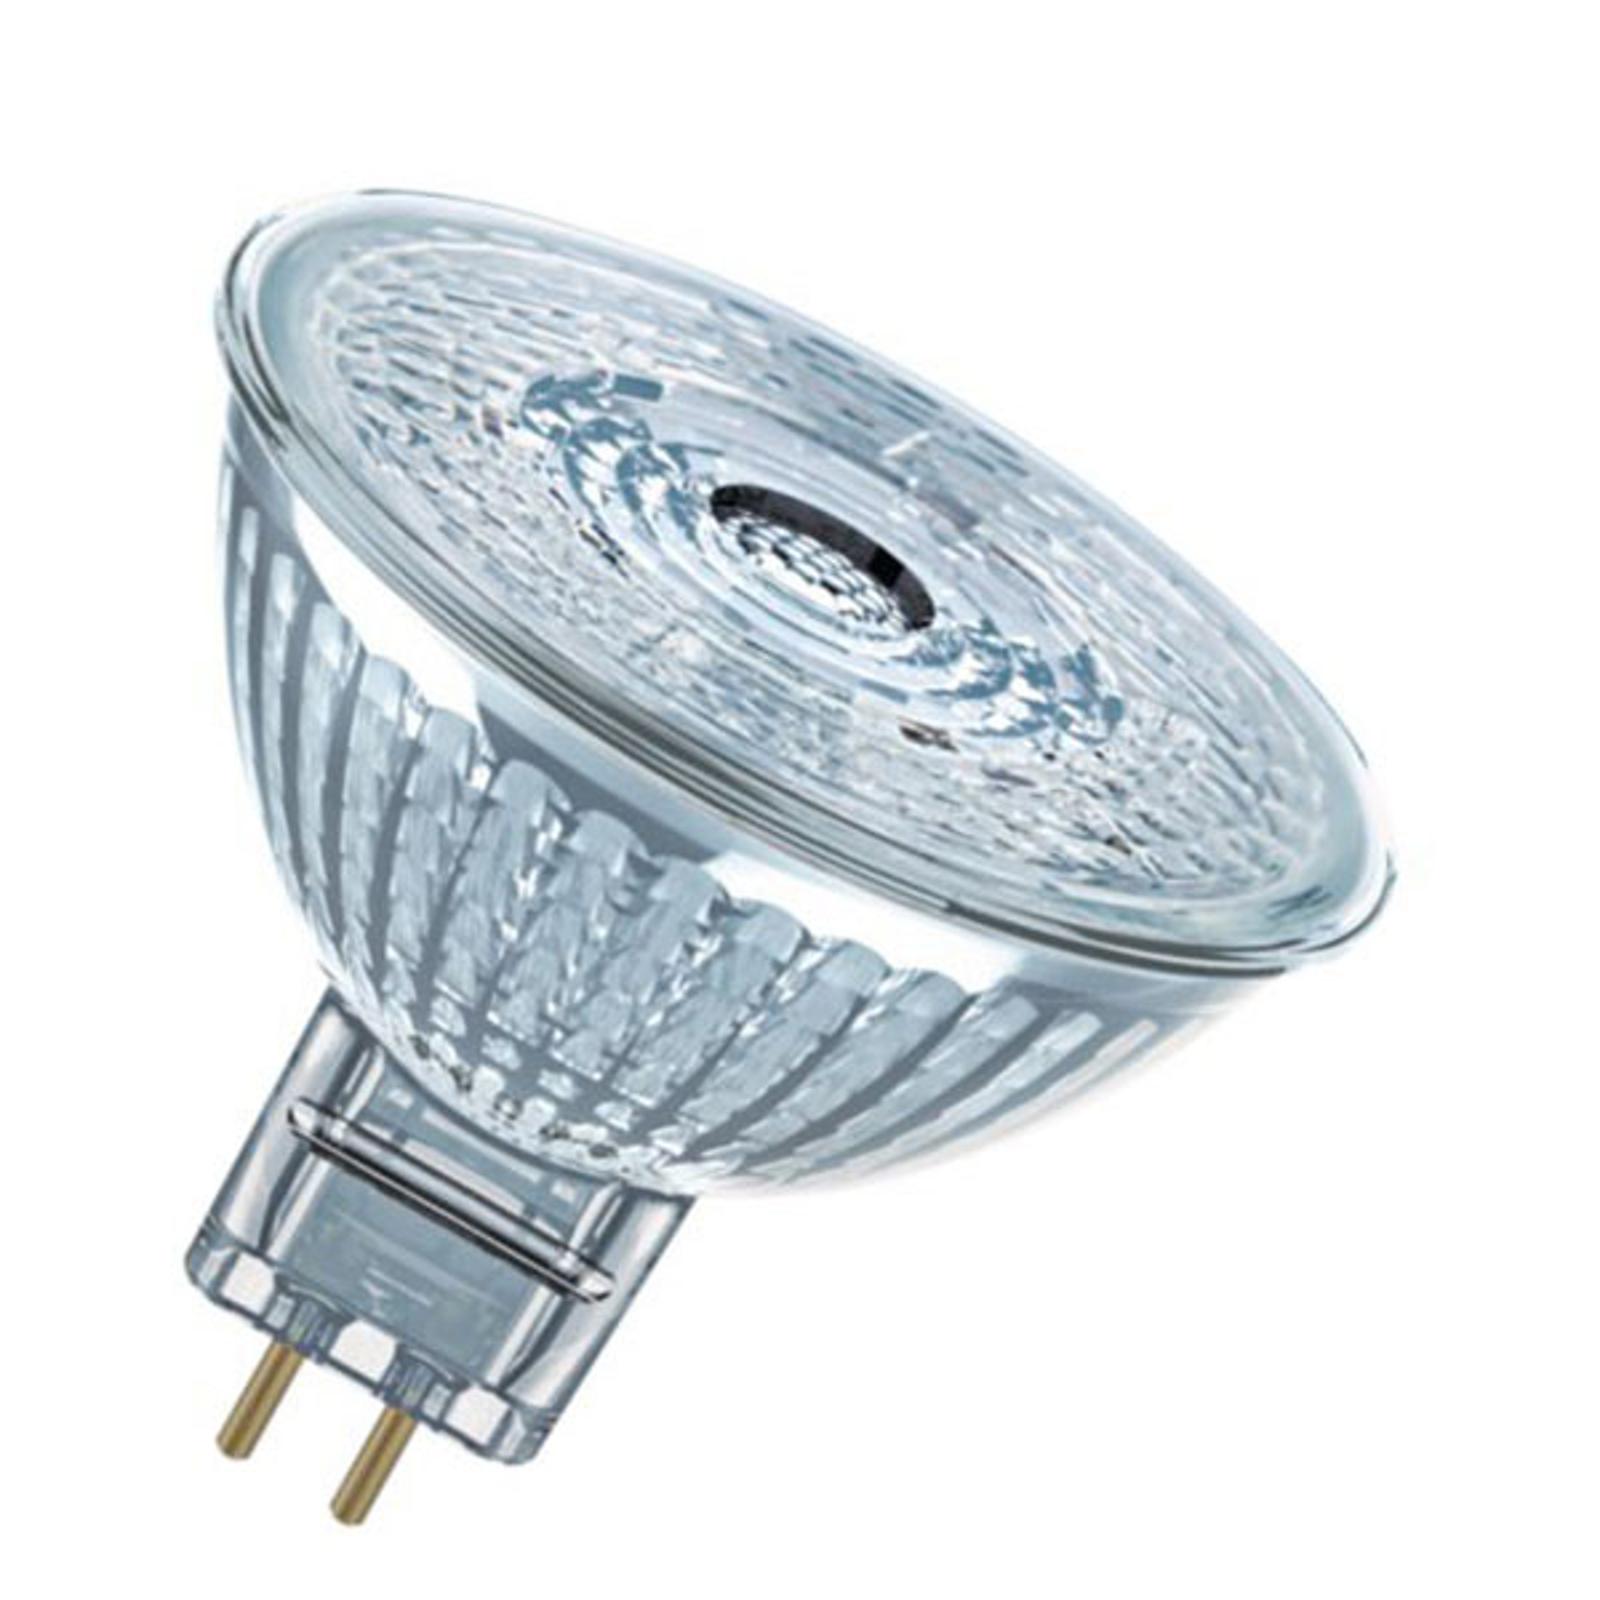 OSRAM reflektor LED Star GU5,3 2,6W 4000K